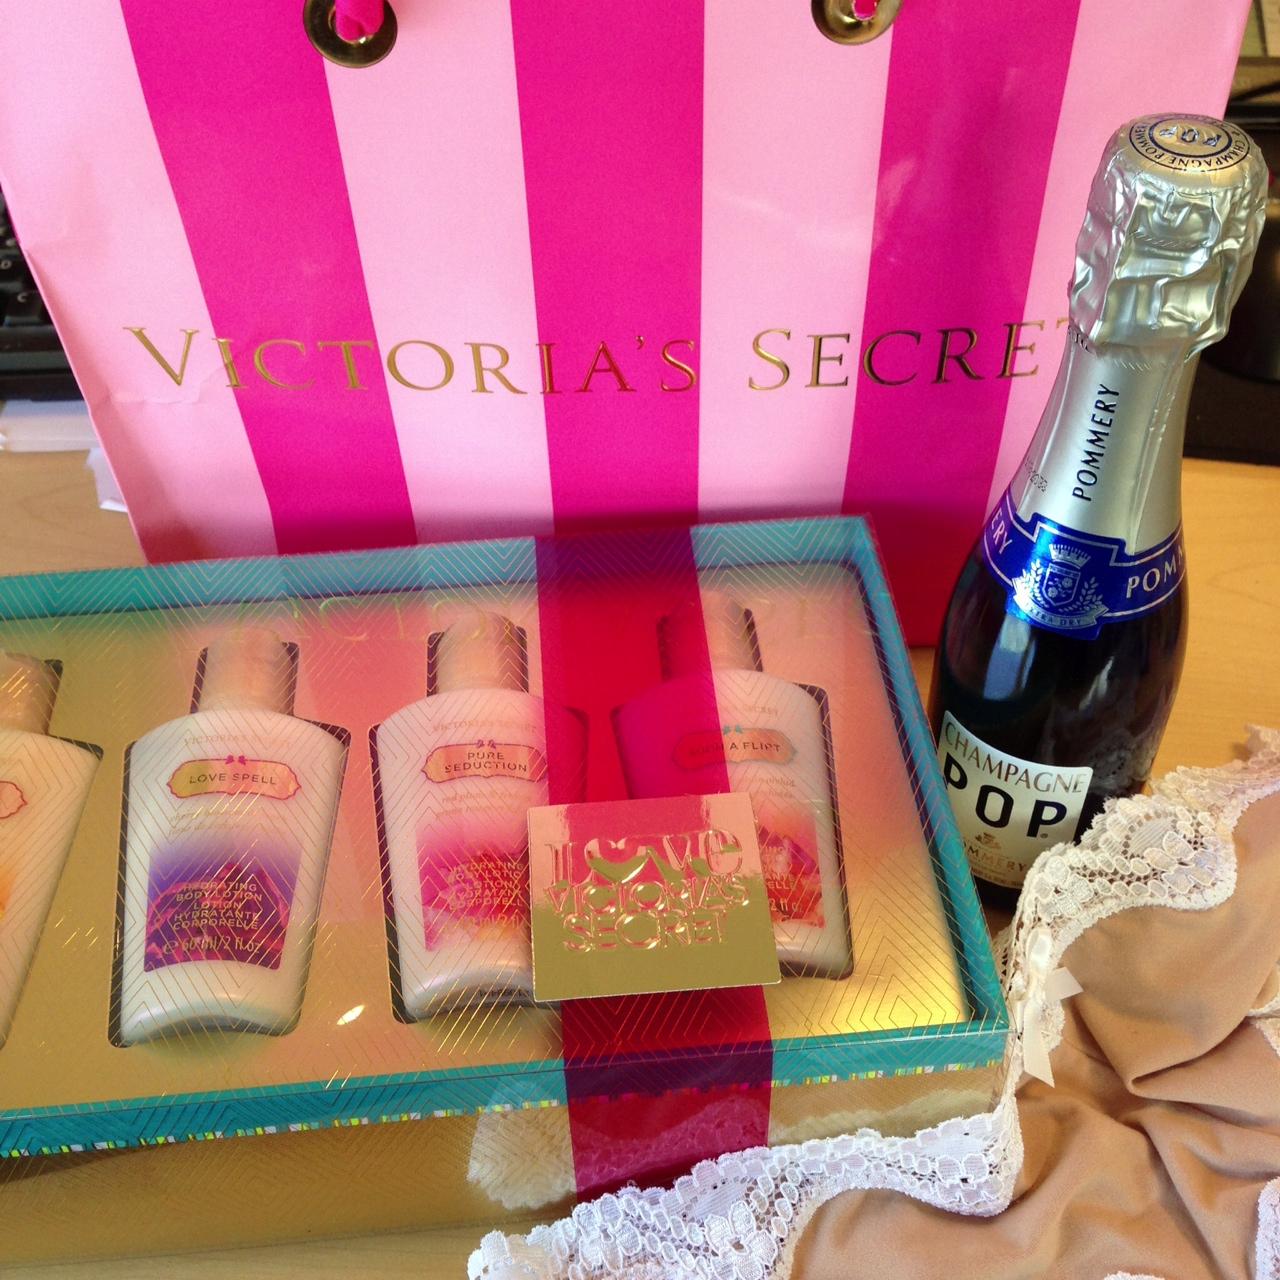 Victoria's Secret Åbner i dag